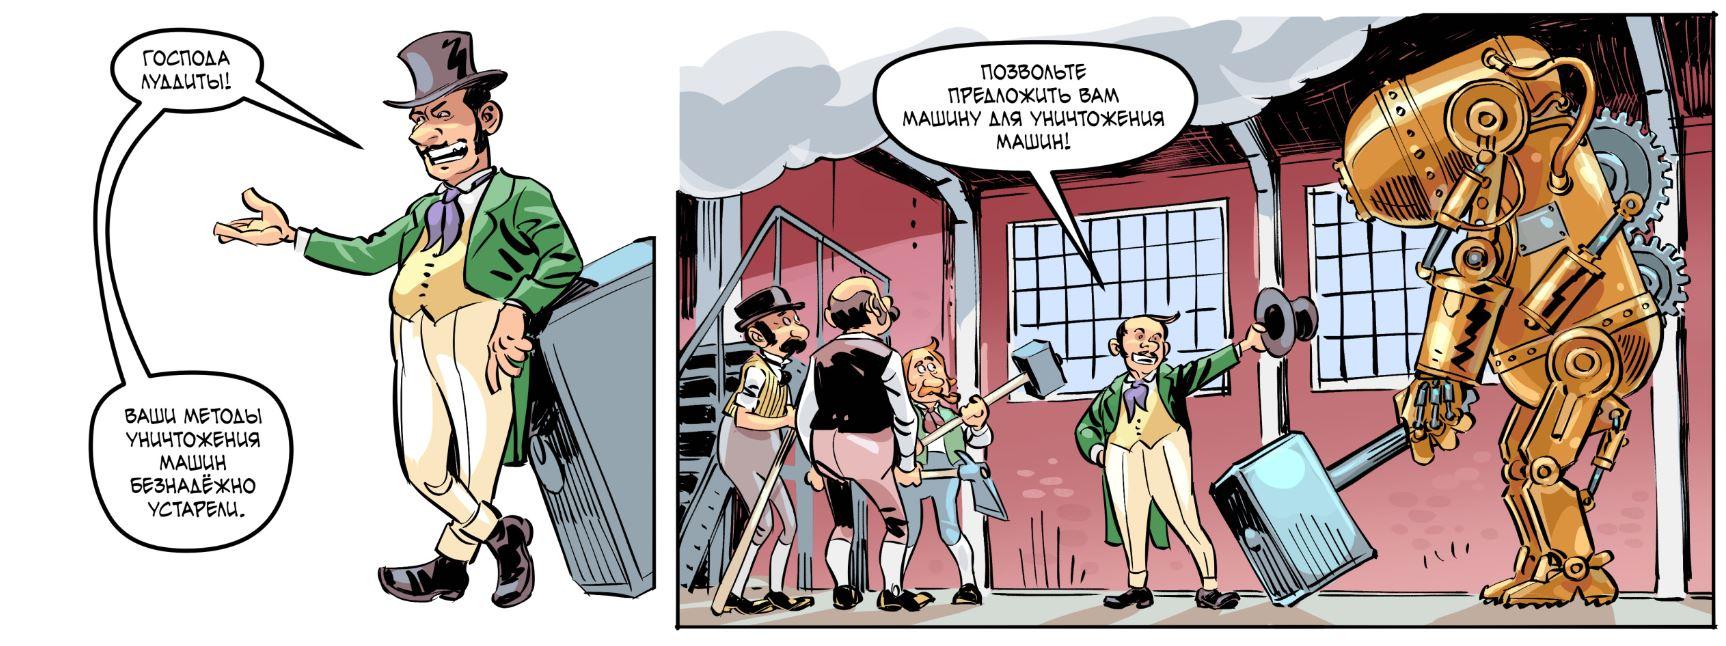 Комикс: всего лишь бизнес 3